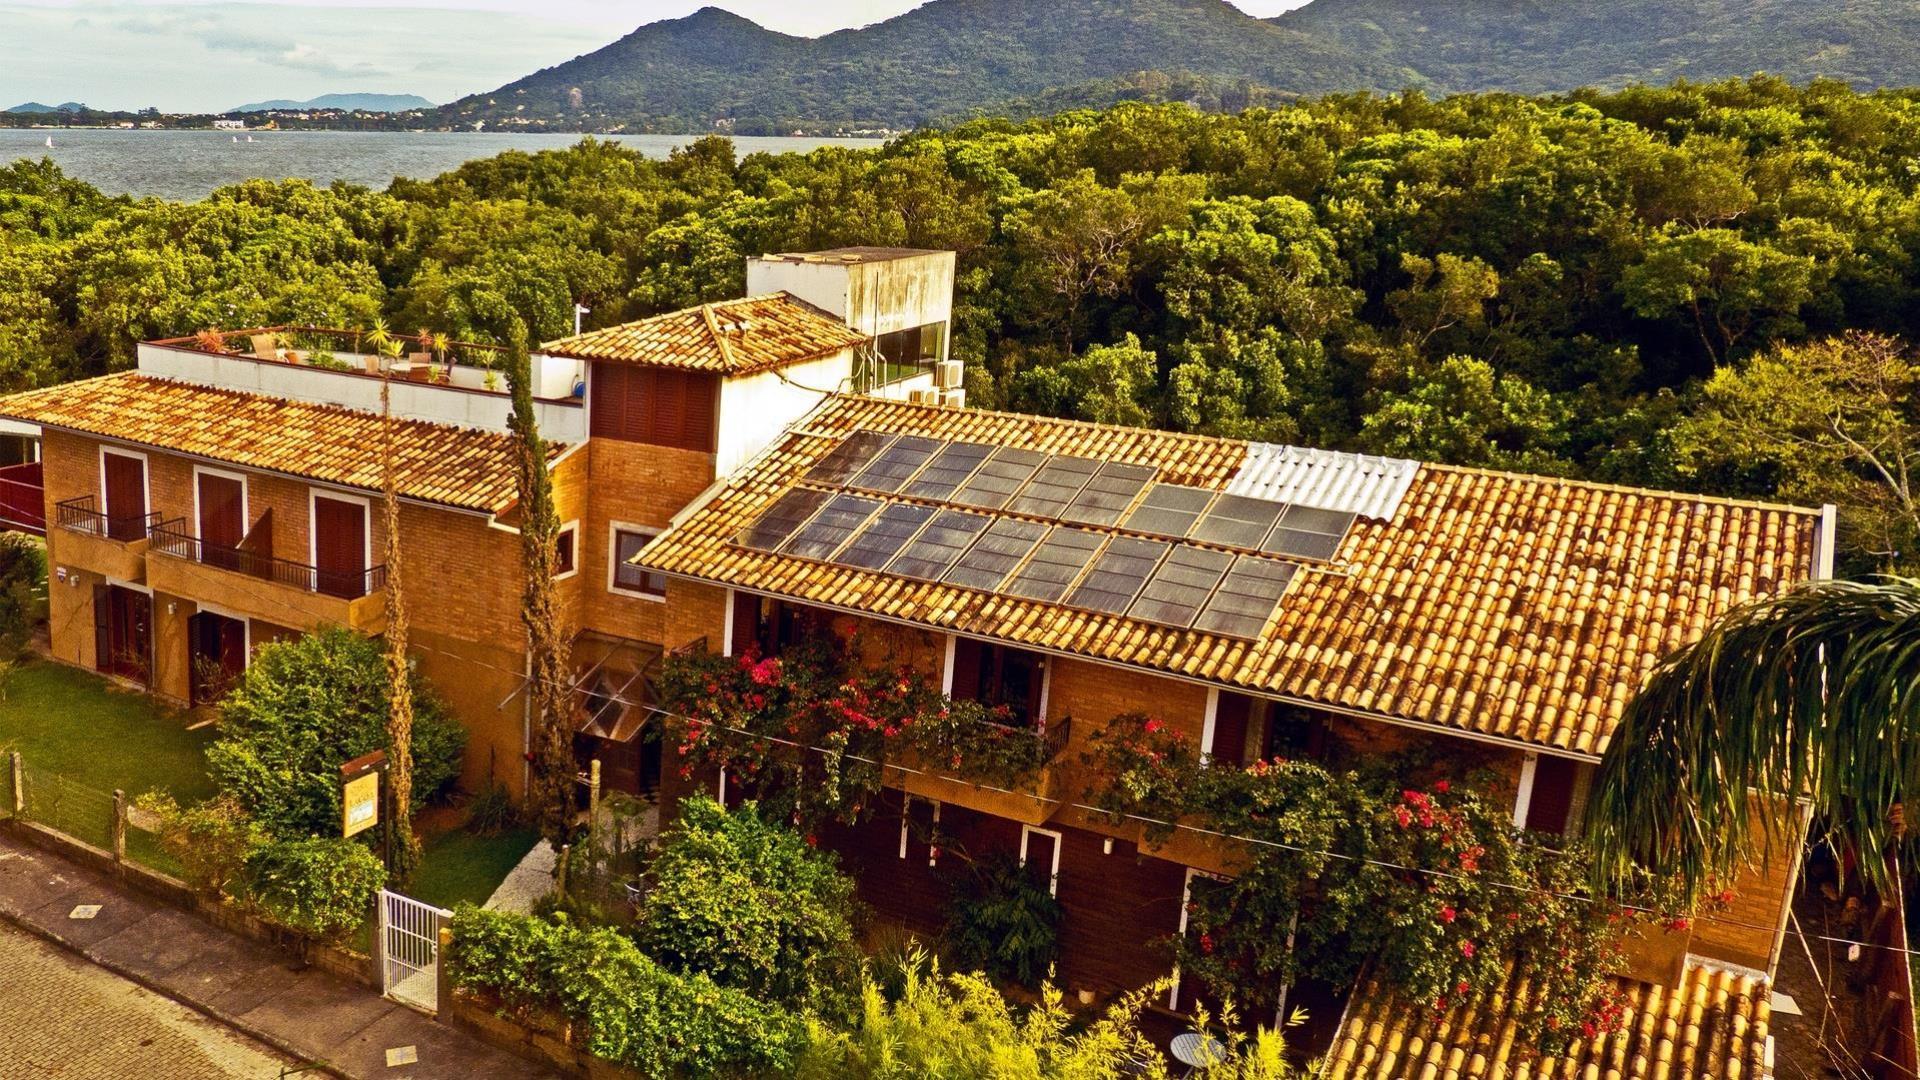 Brasilien Florianopolis: Landestypische Unterkunft - Pousada Casa da Lagoa